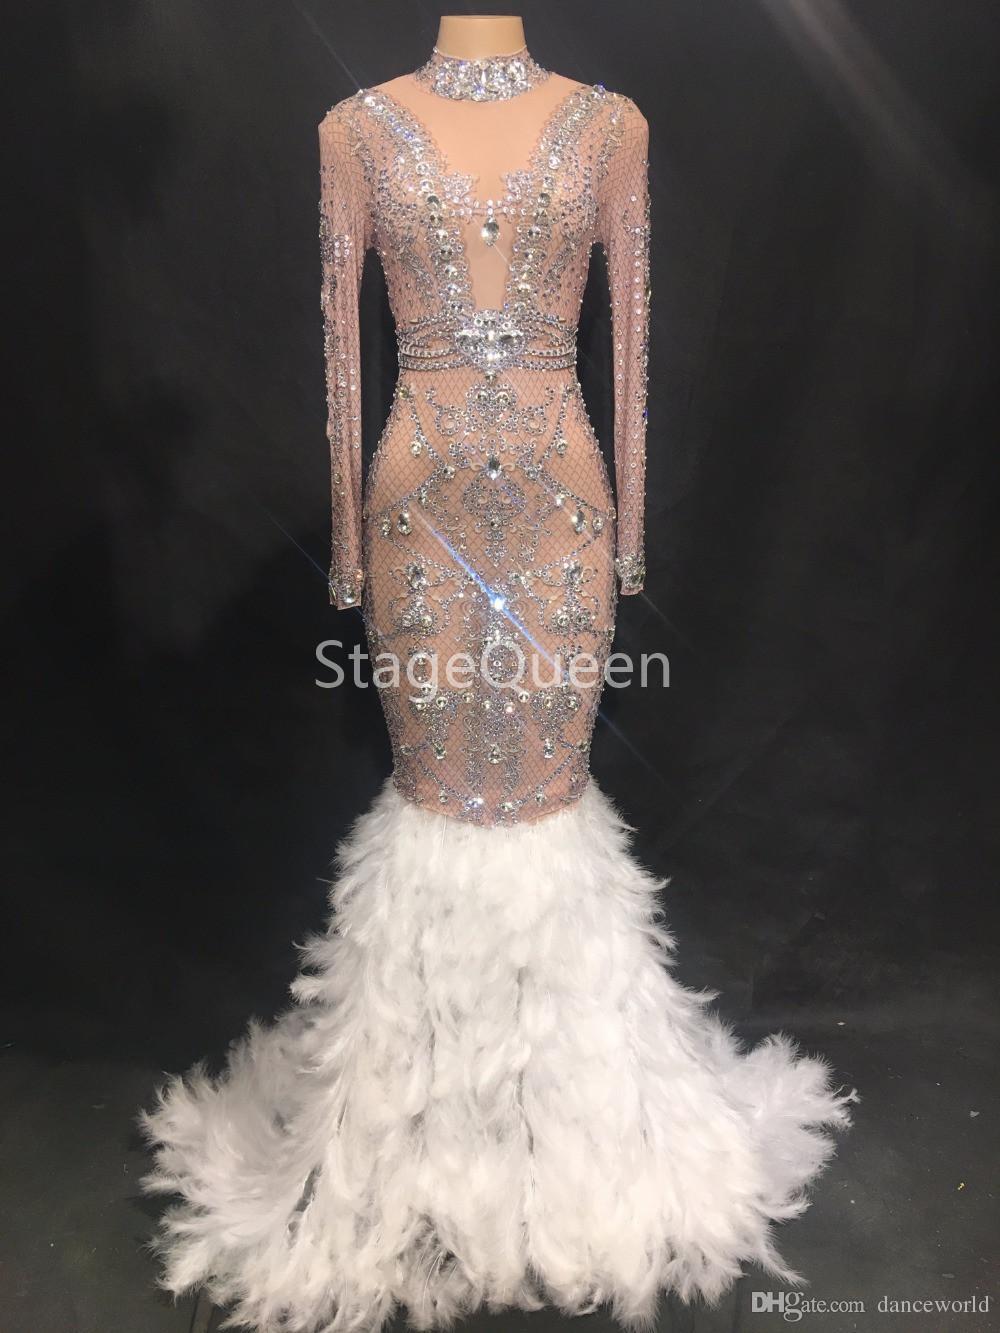 Mujeres Sexy Etapa Cristales brillantes Ver a través de malla Vestido de plumas Cumpleaños Celebre Piedras Vestido Flecos Vestido de baile DS Traje de DJ